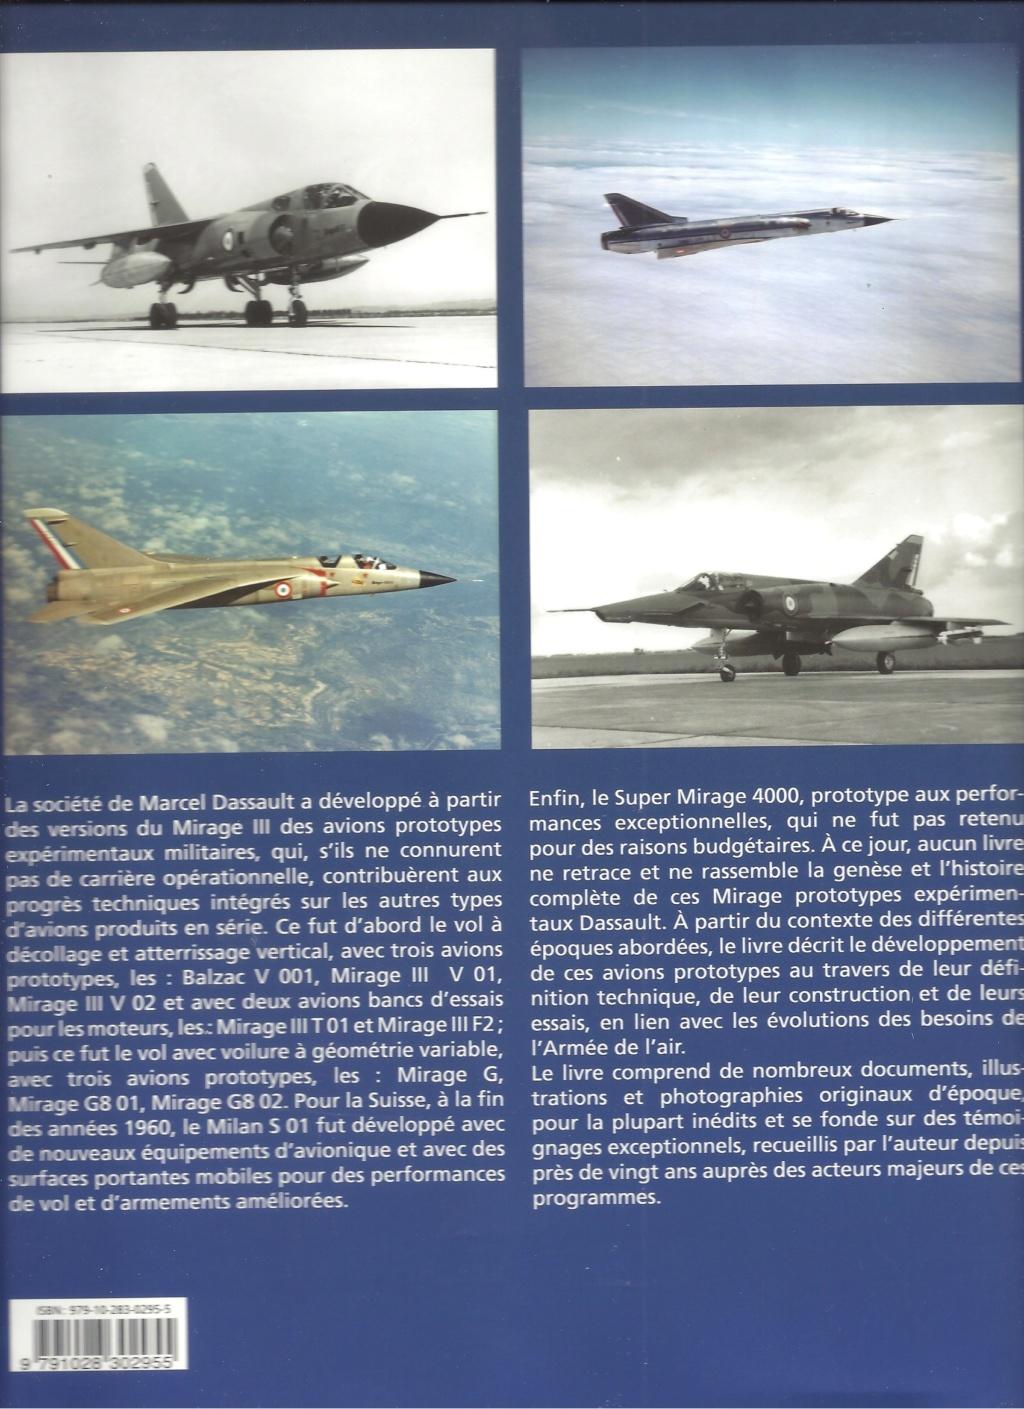 les achats de Jacques - Page 27 Livre_12